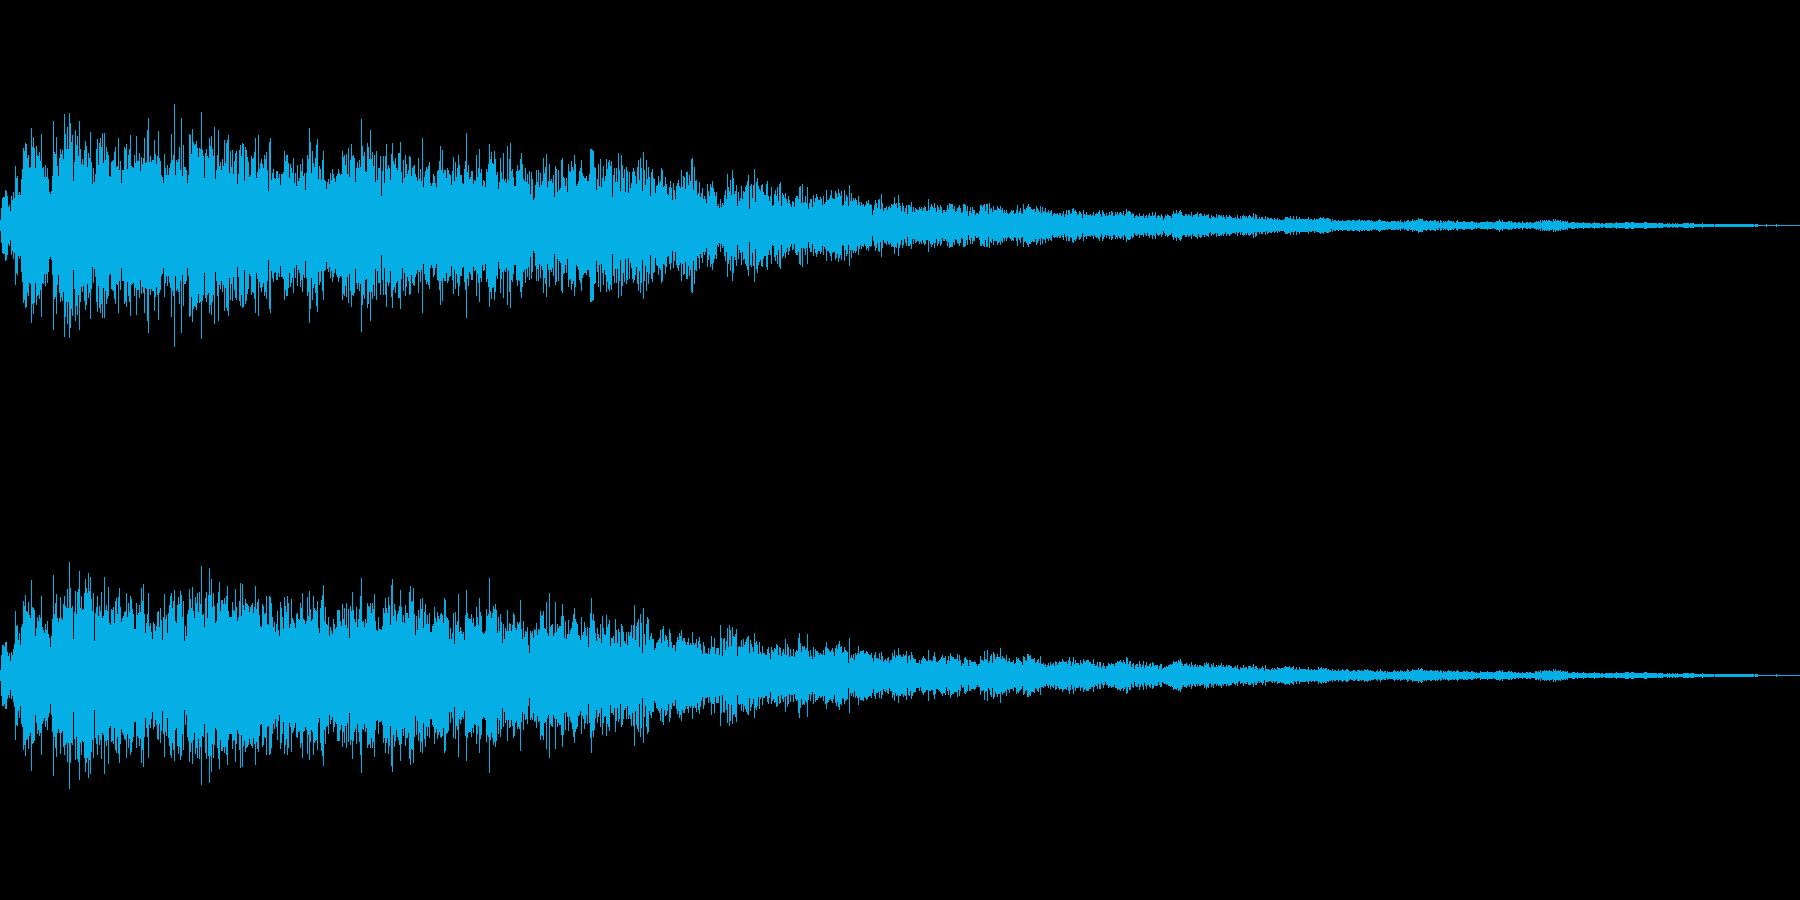 足元からゆっくり氷っていく音の再生済みの波形